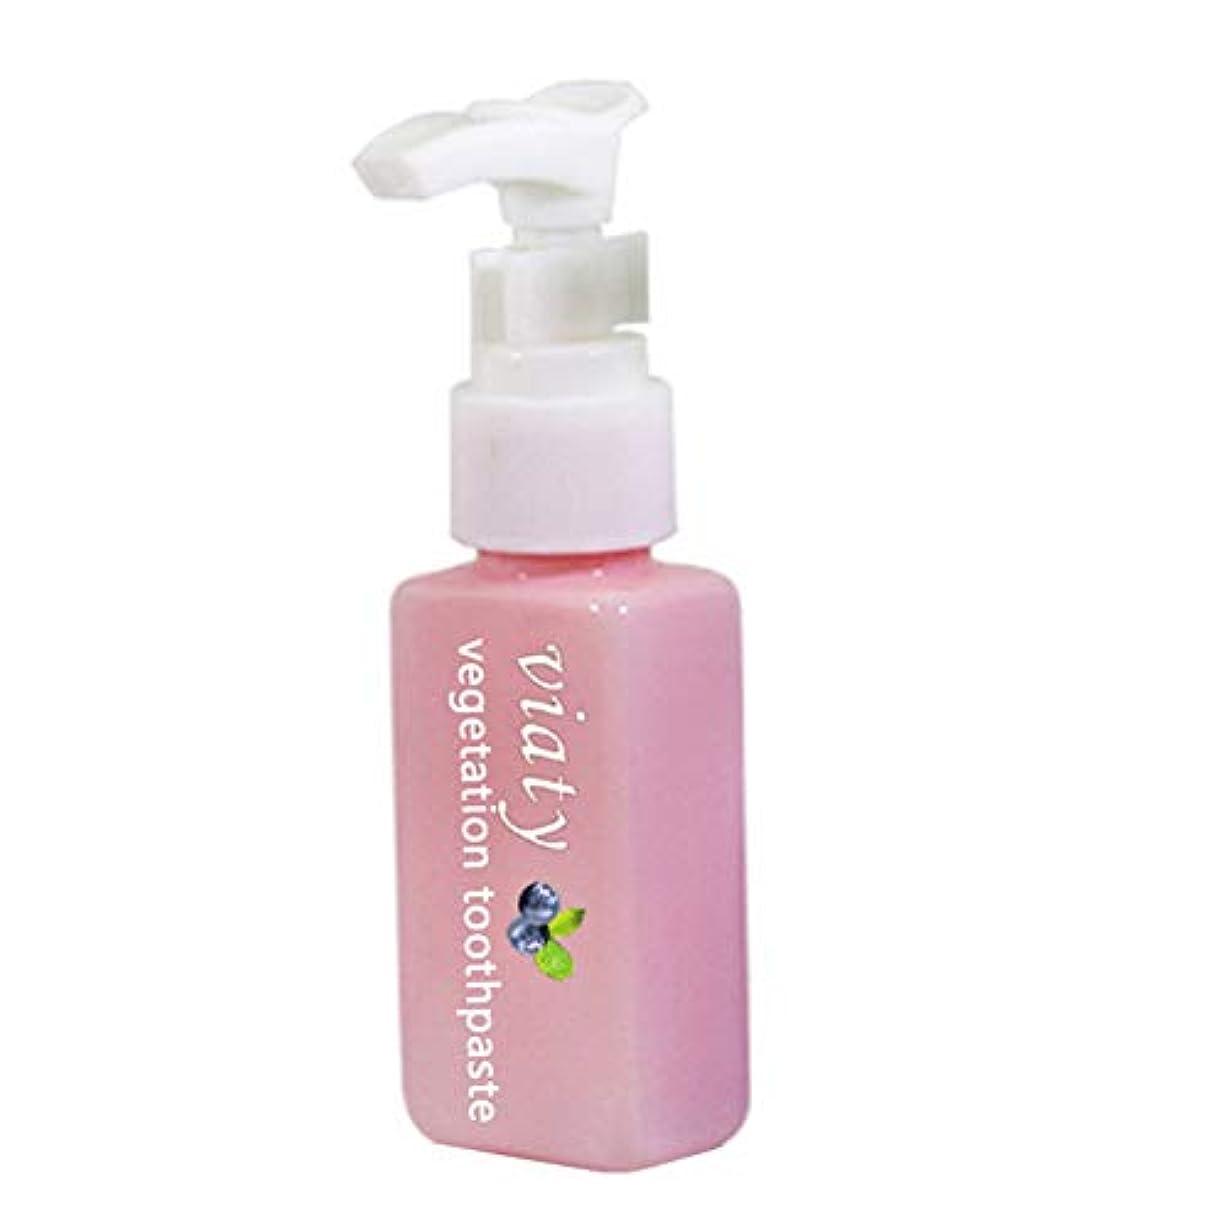 指定する海洋のソーダ水JanusSaja歯磨き粉アンチブリードガムプレスタイプ新鮮な歯磨き粉を白くする汚れ除去剤